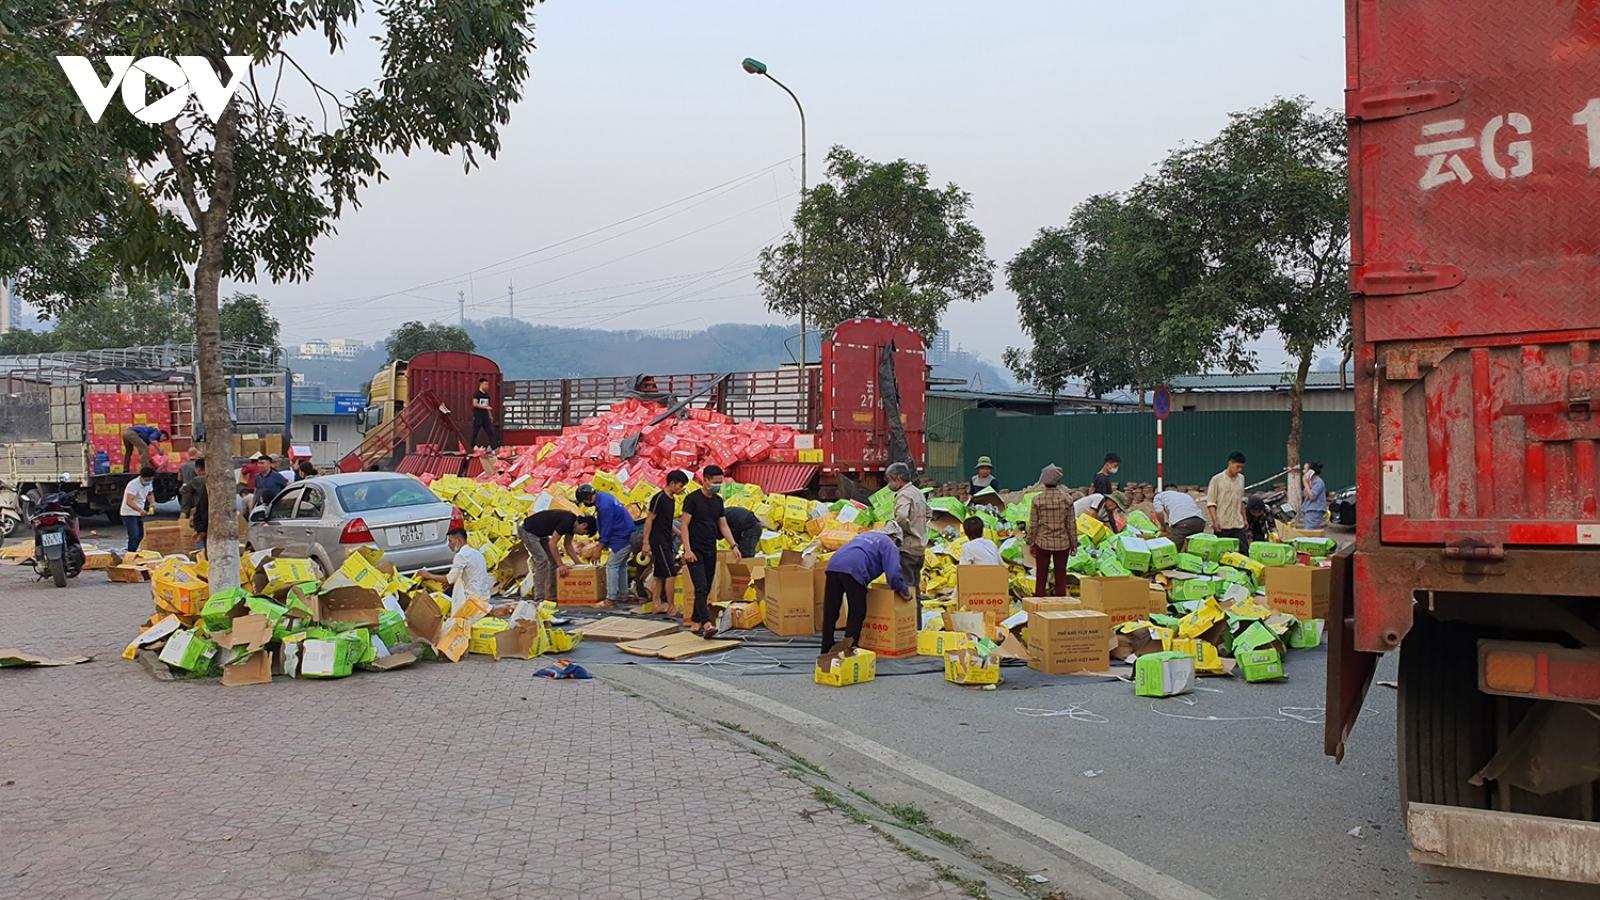 Hàng nghìn kiện nước ngọt bị đổ xuống đường gây ách tắc cửa khẩu Kim Thành